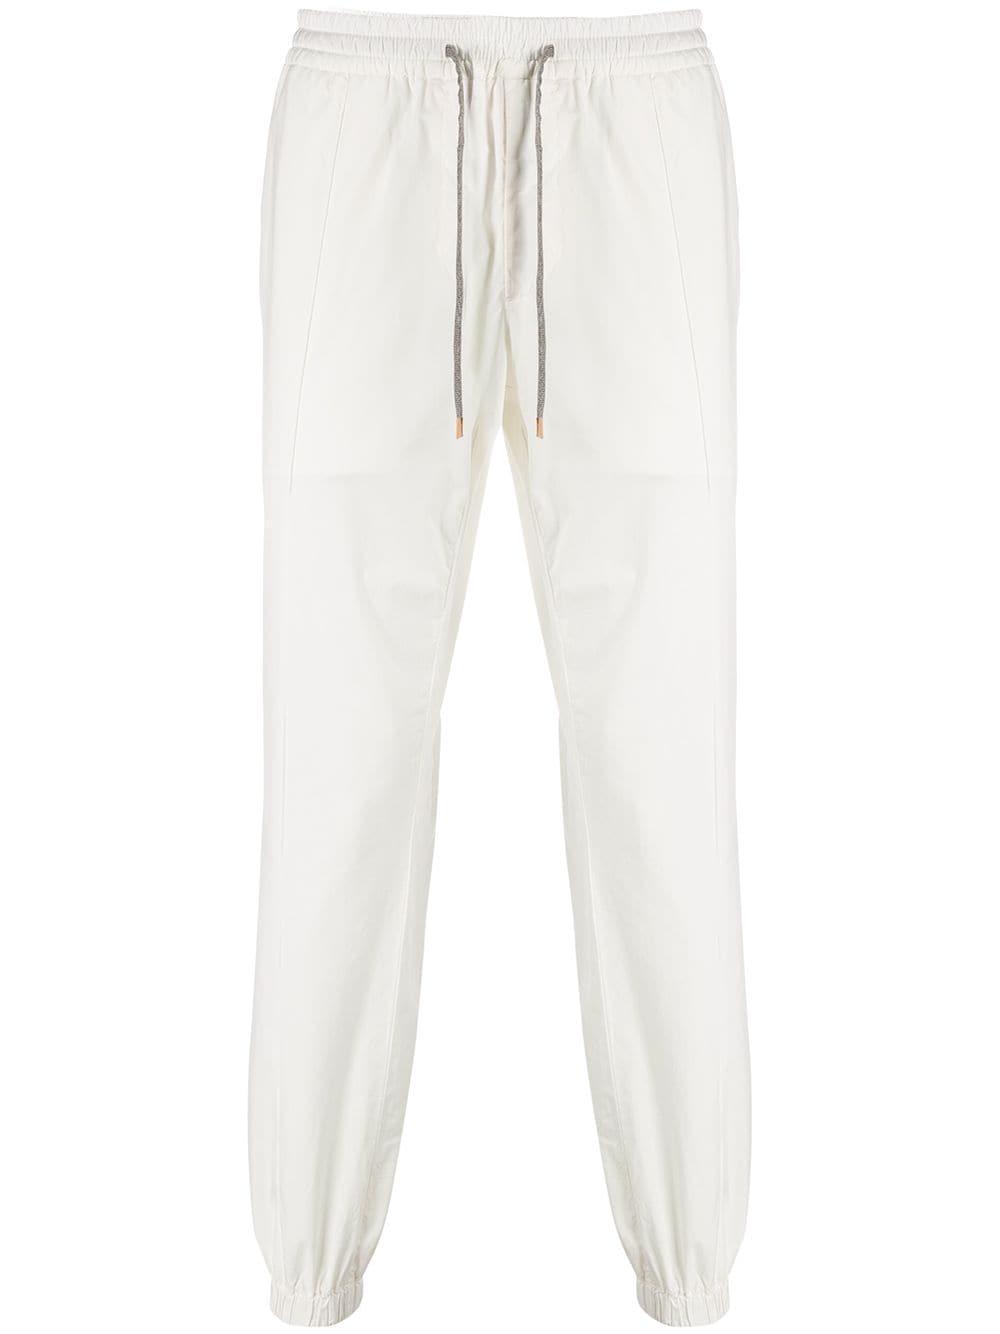 Pantaloni sportivi in misto cotone bianco con coulisse in vita ELEVENTY | Pantaloni | A75PANA12-TET0A01201